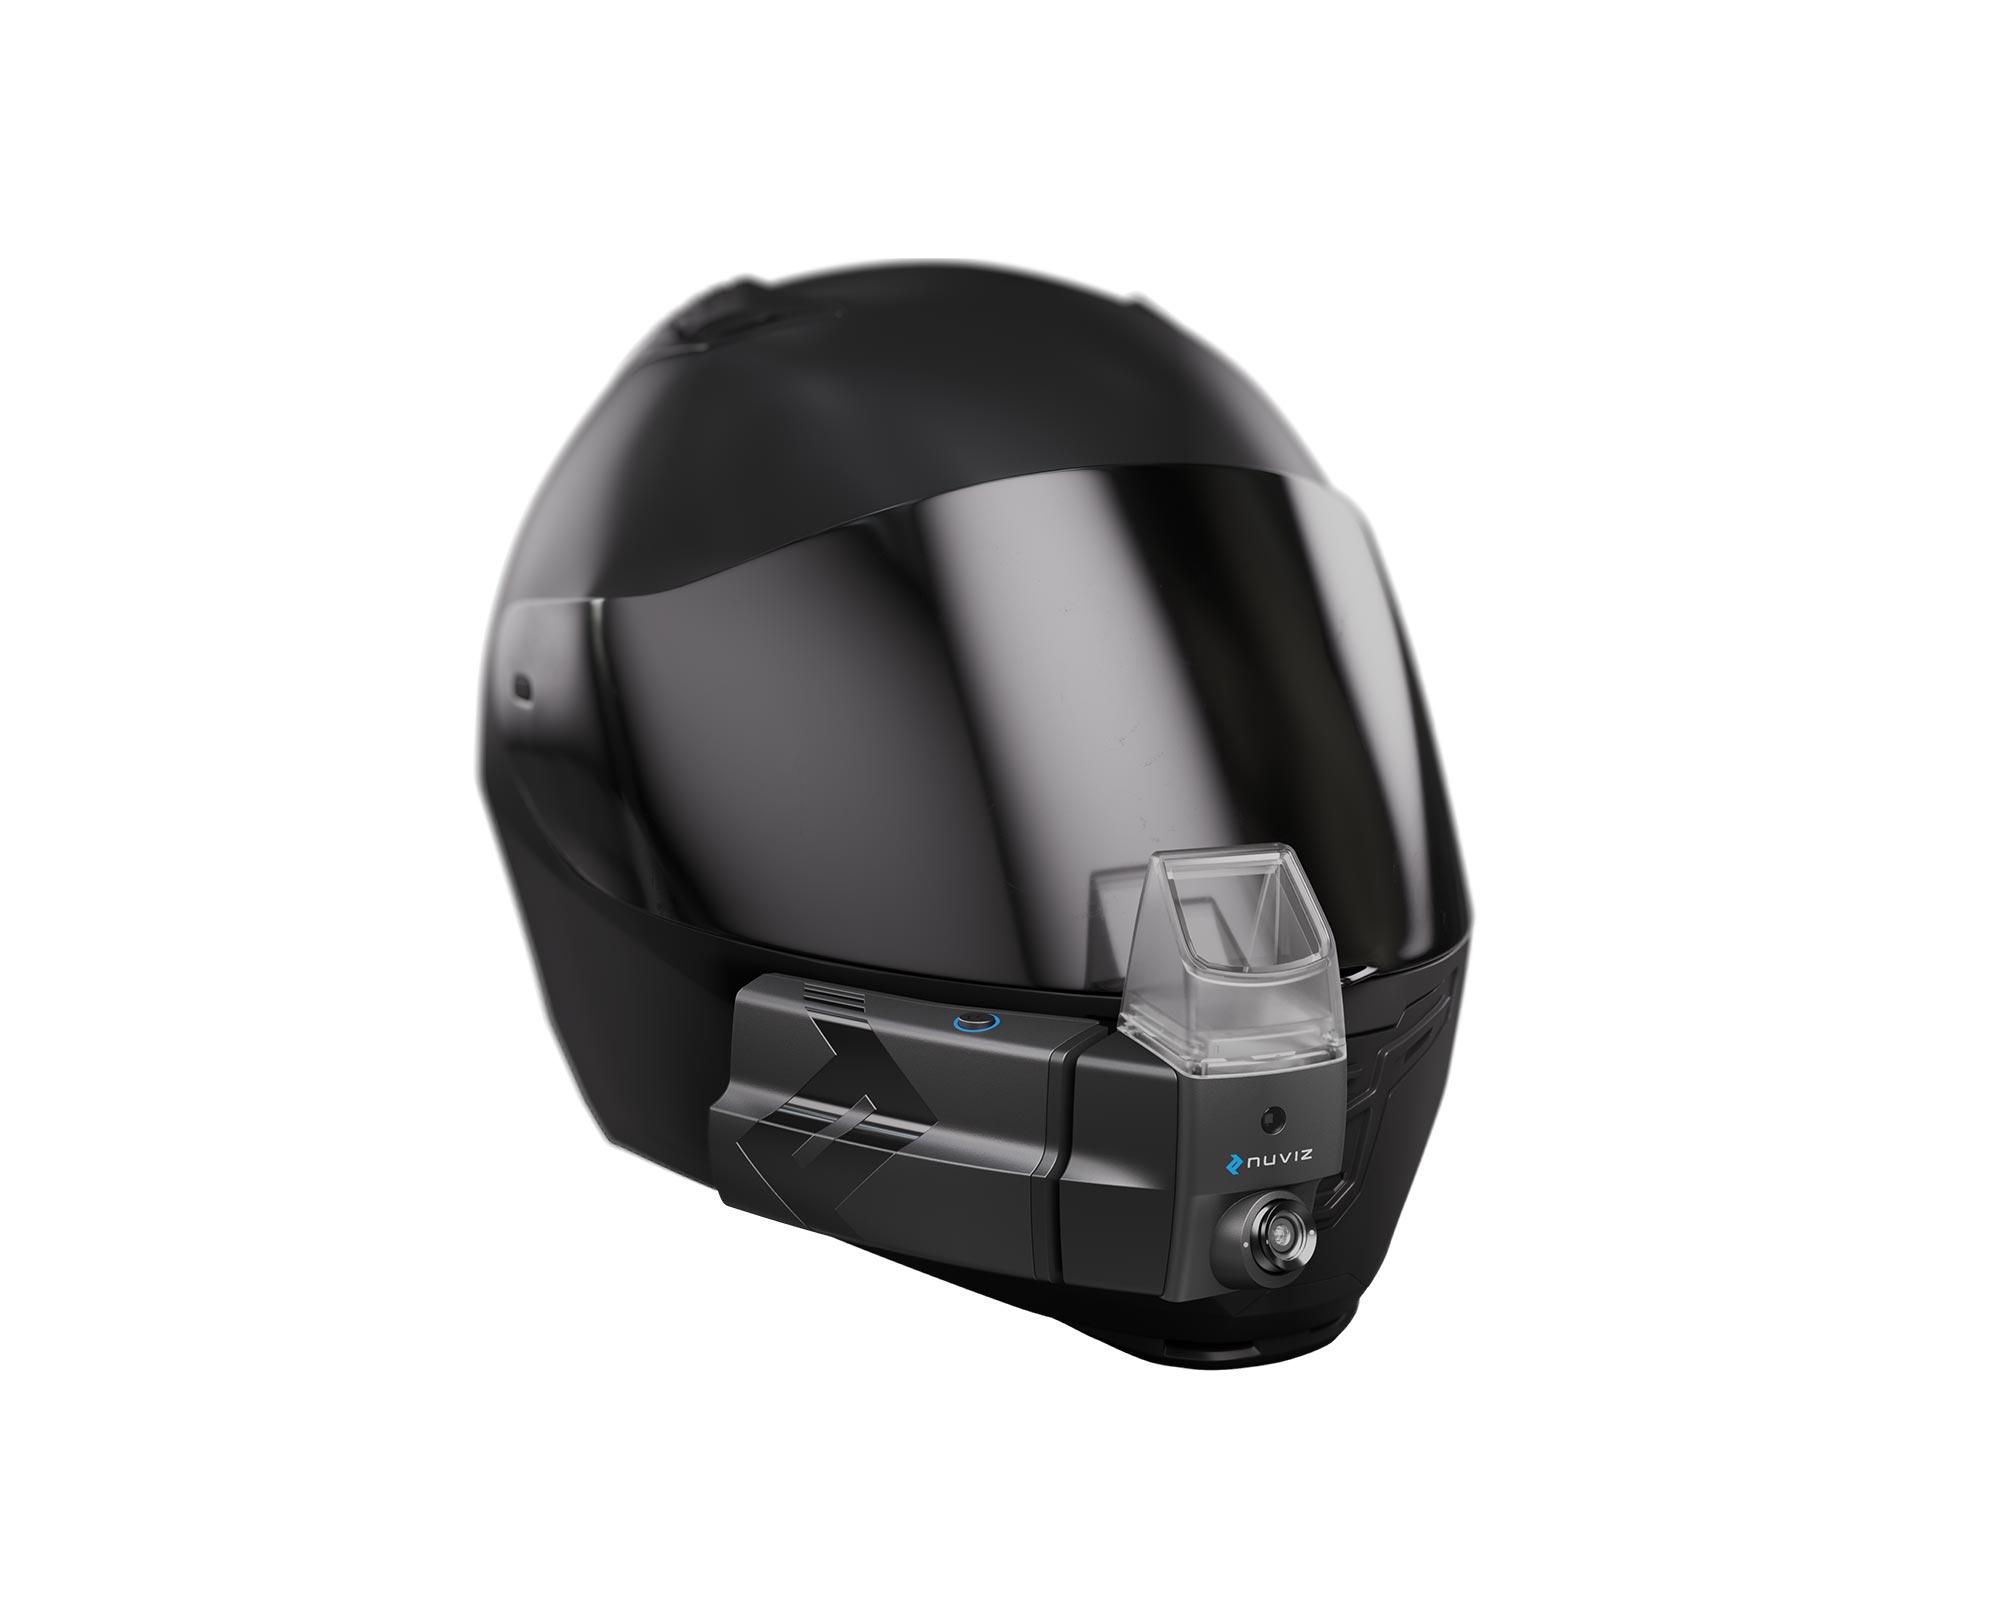 ktm invests in heads up display company nuviz asphalt rubber. Black Bedroom Furniture Sets. Home Design Ideas